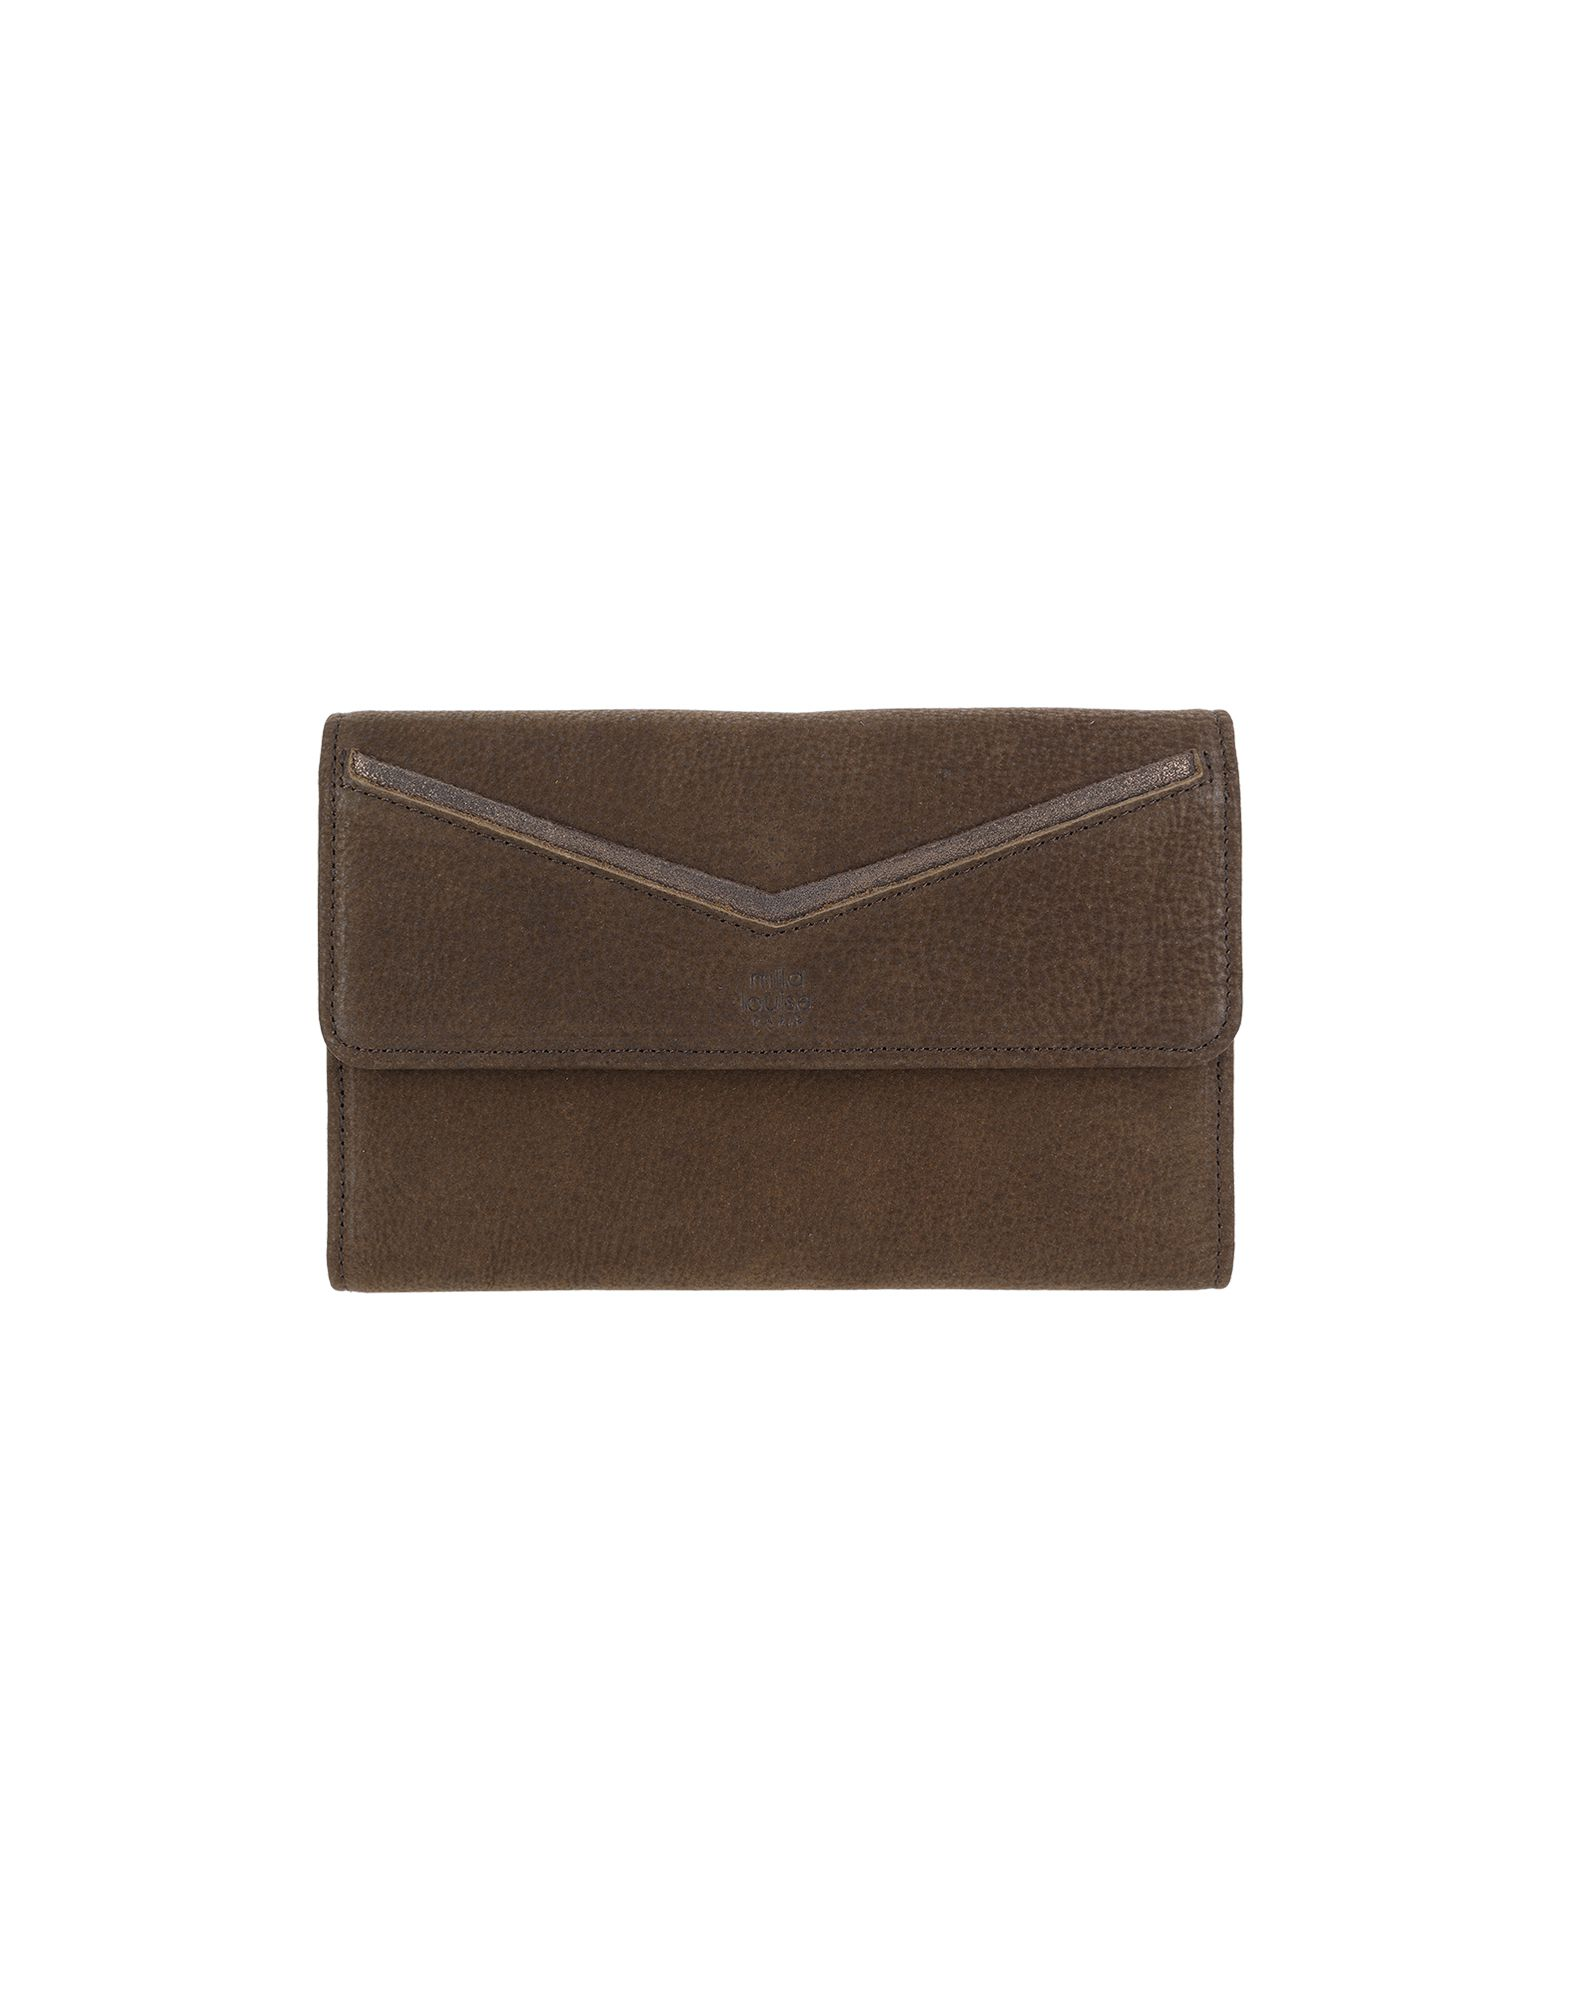 《送料無料》MILA LOUISE レディース 財布 ココア 牛革 100%